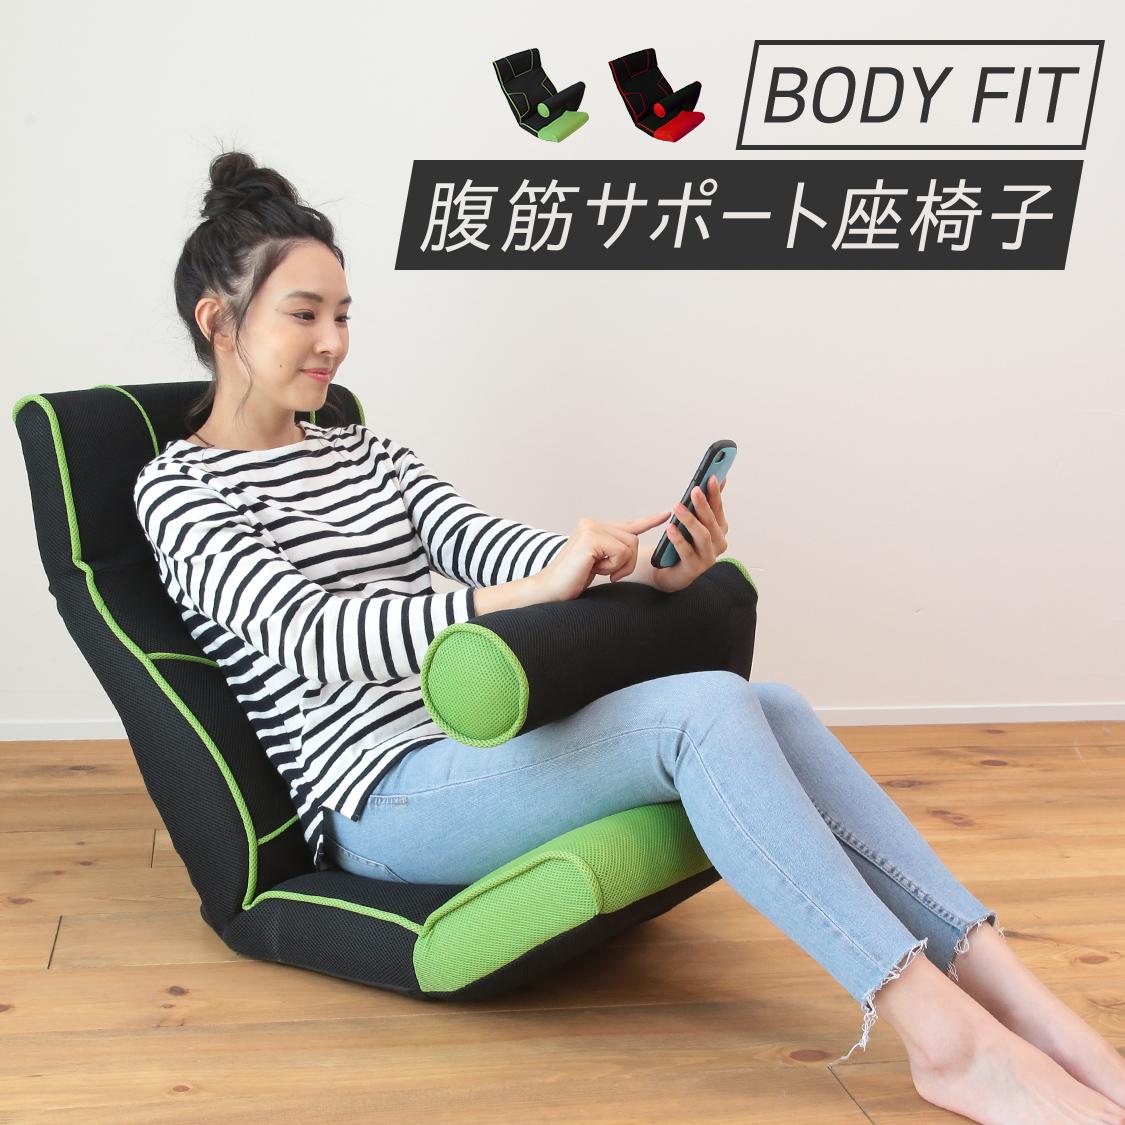 安い 激安 プチプラ 高品質 BODY FIT 腹筋サポート座椅子 LFF1-アロー 座椅子 一人用 ソファ 低い椅子 低い いす パーソナルチェア 一人用ソファー テレワーク 腹筋 母の日 チェア 母の日ギフト メーカー直送 イス かわいい リクライニング チェアー を プレゼント 椅子 一人掛け 1人掛け 鍛える リラックスチェア